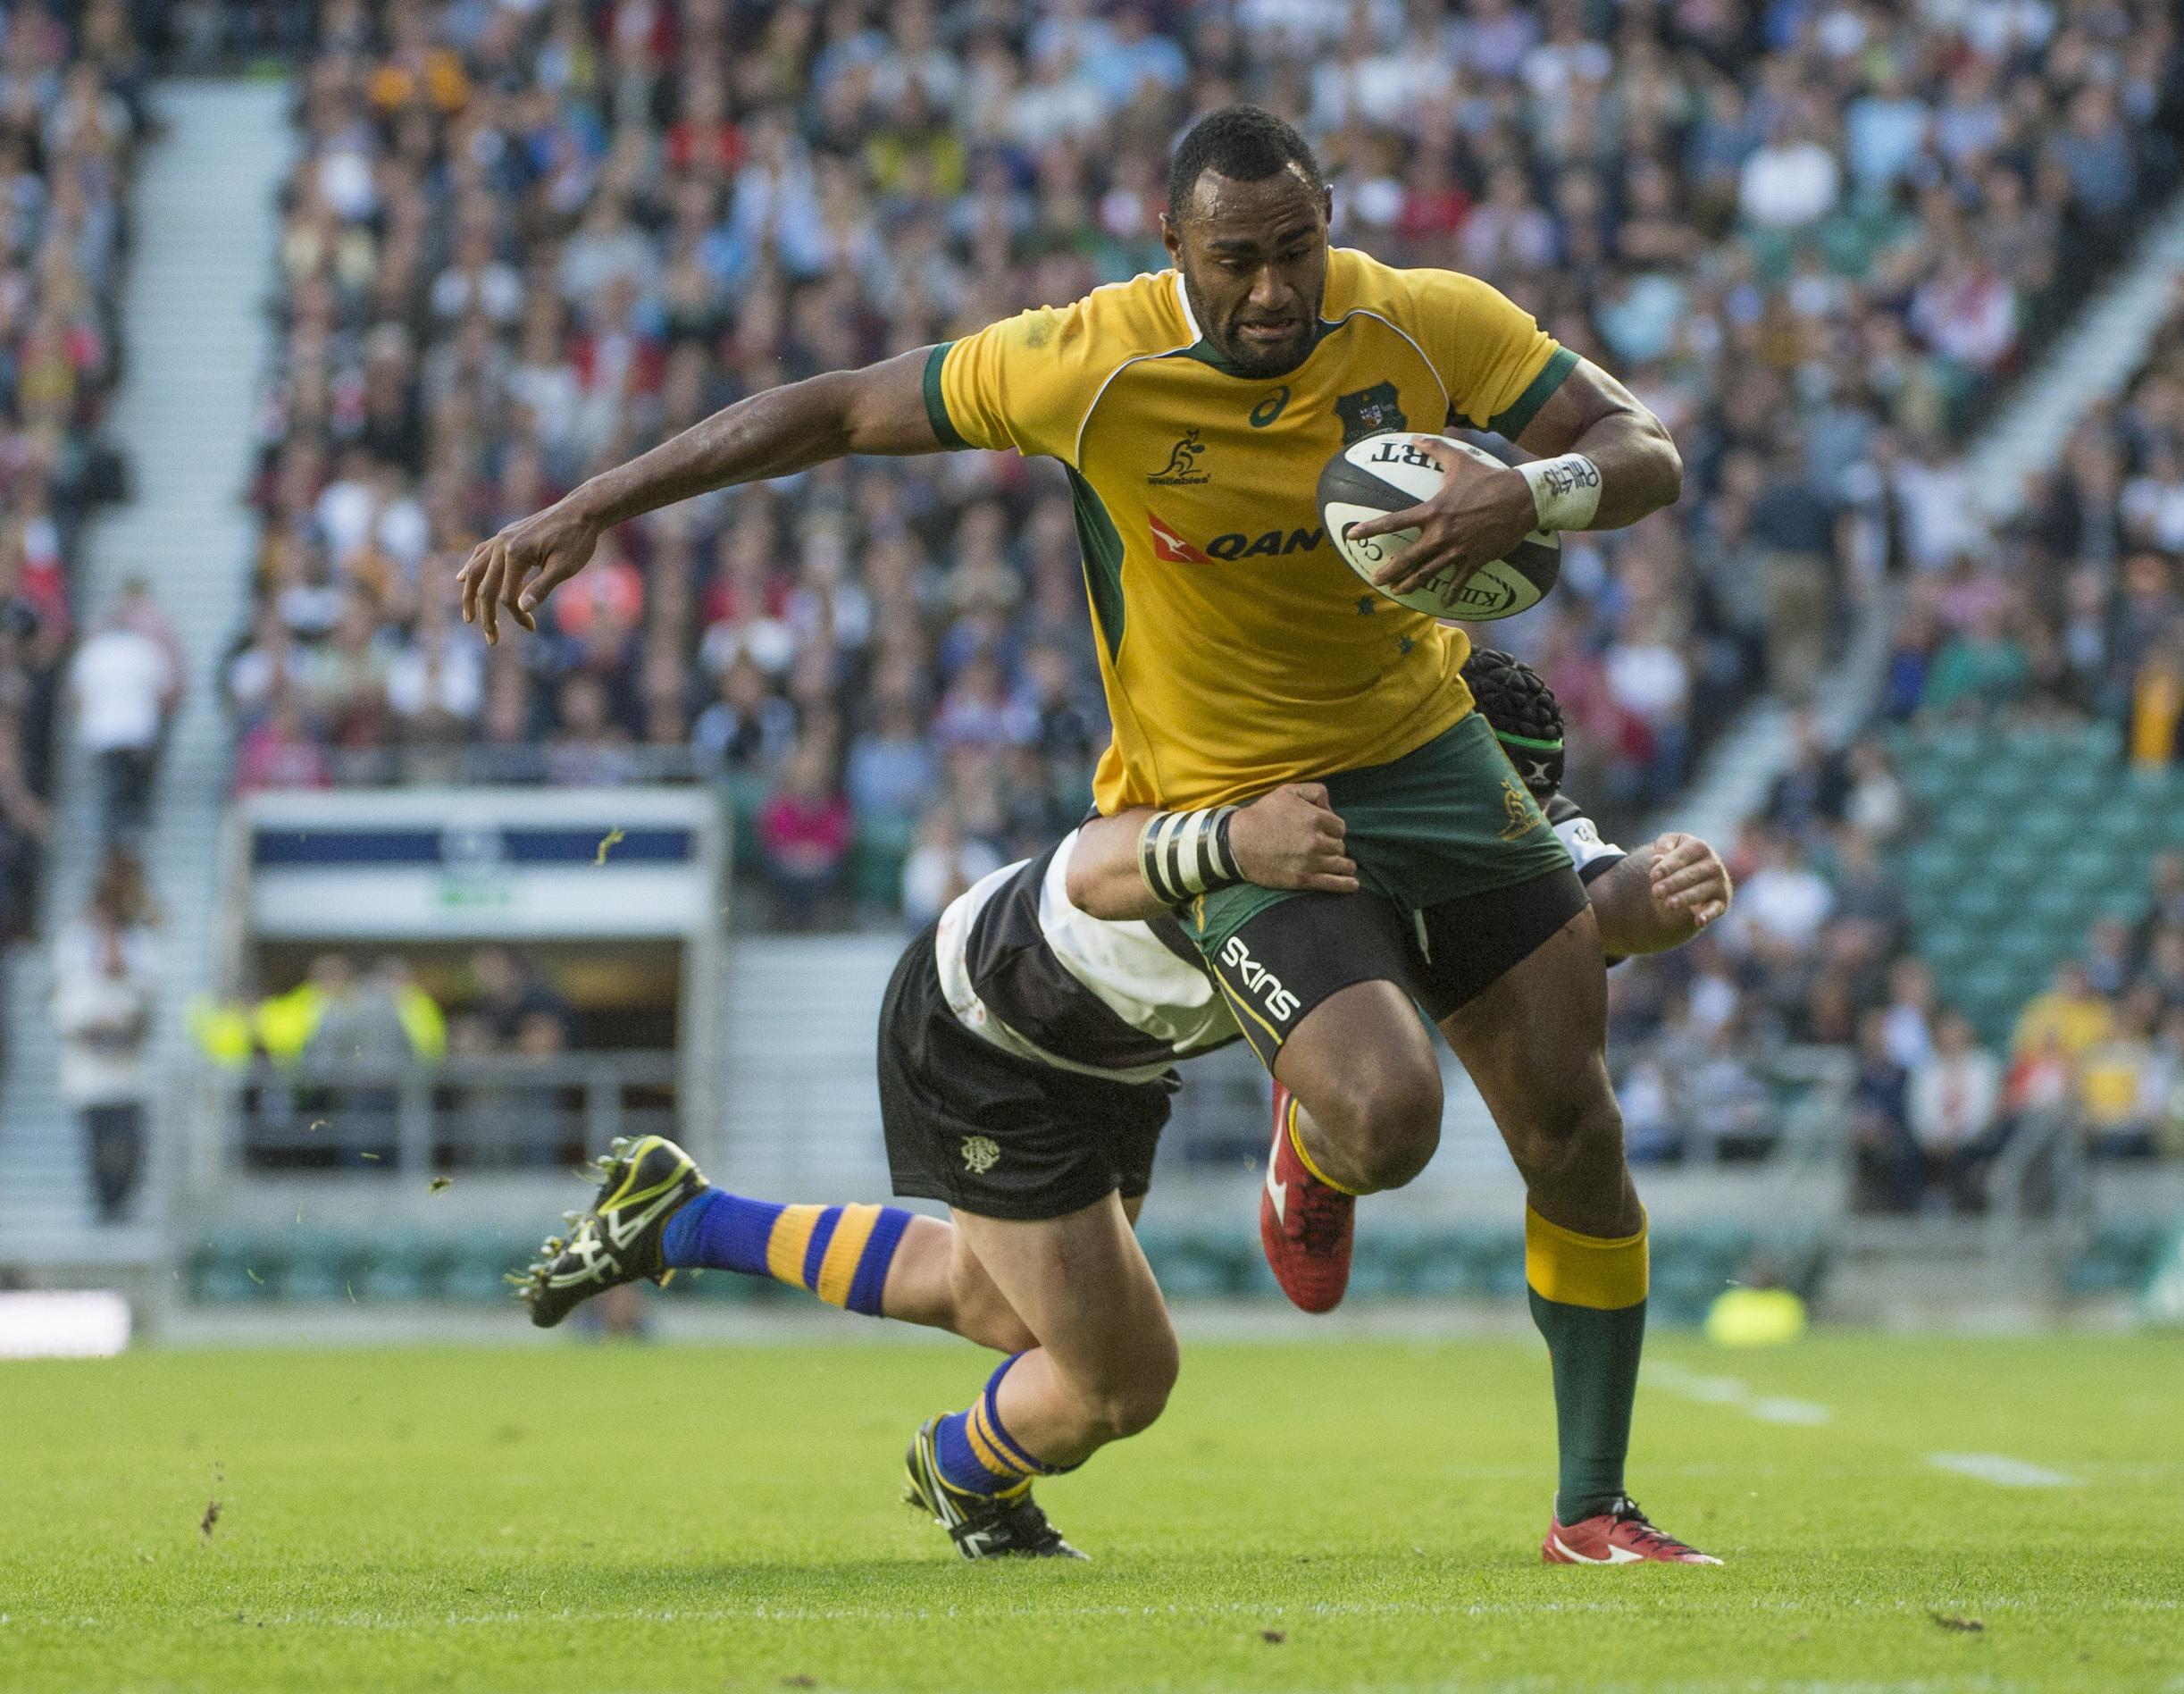 Australie fidji une affaire de familles pour kuridrani - Resultats coupe du monde de rugby 2015 ...